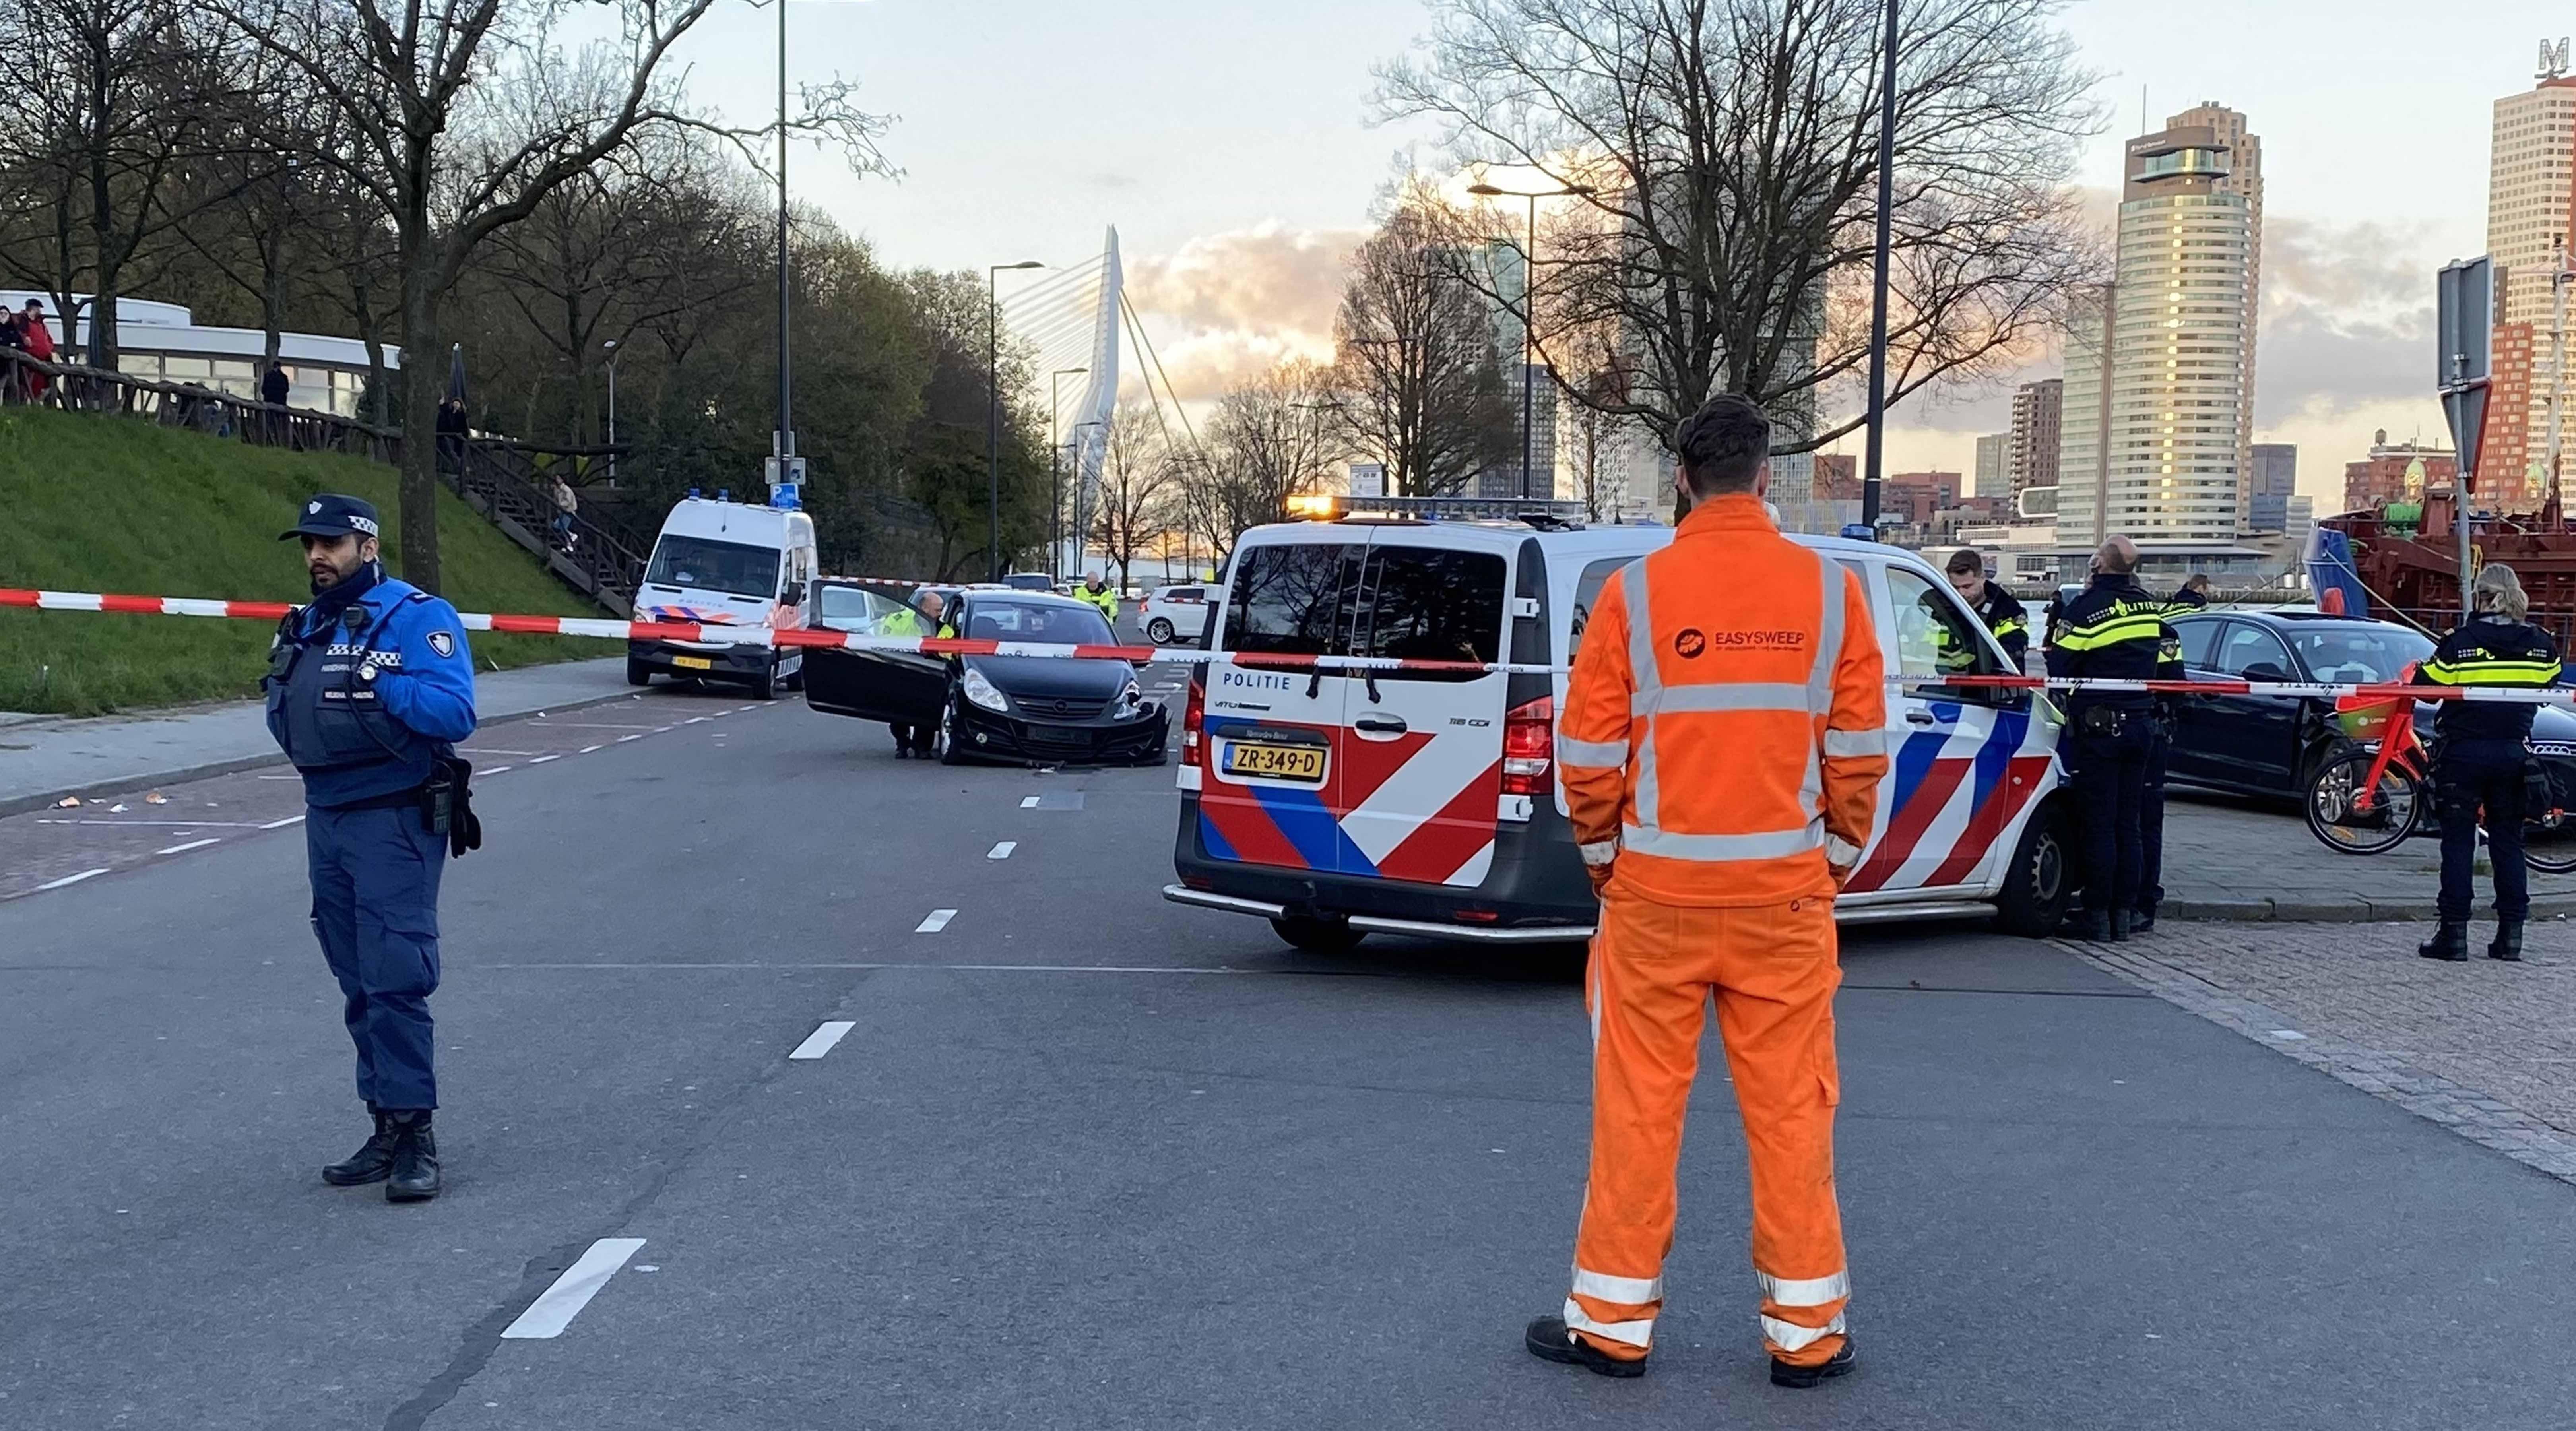 Ongeval met auto's op Parkkade; politie denkt aan straatrace